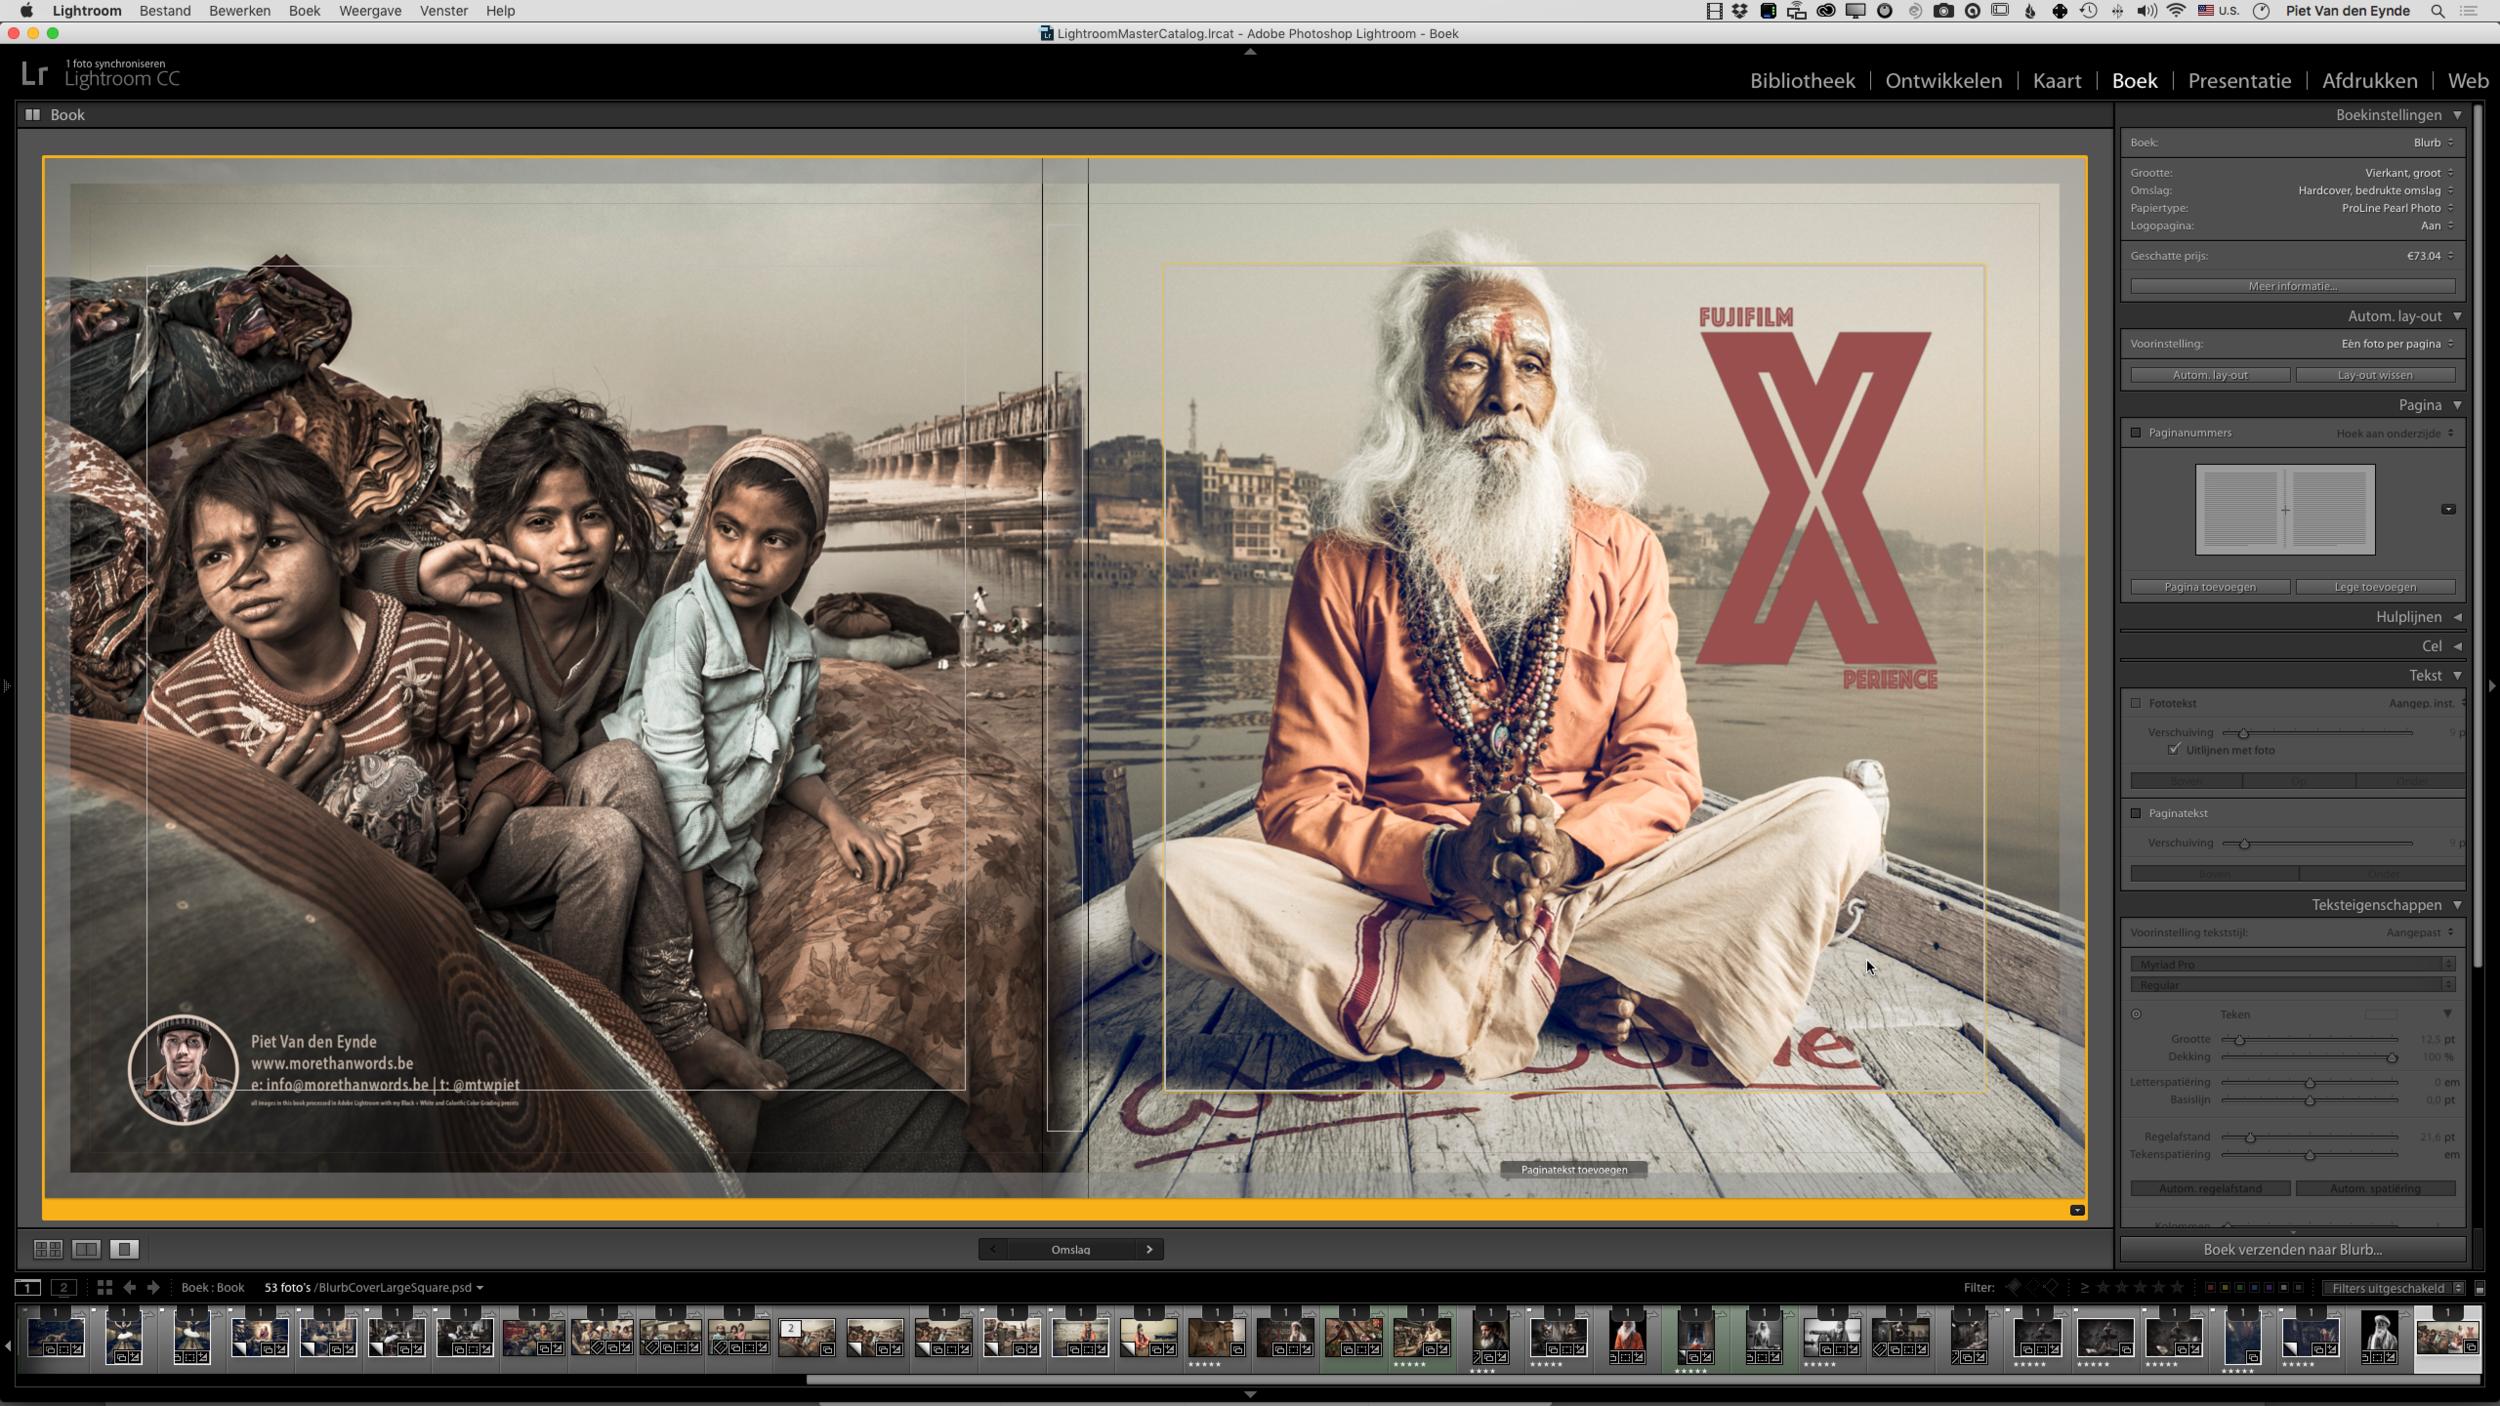 De 16 megapixels van de X-T1 zijn groot genoeg om een dubbele pagina te vullen in een 30 x 30 fotoboek. Zelf maak ik die met Lightroom (natuurlijk!) en Blurb. Enkel de voor- en achtercover, die je hier ziet,maak ik op in Photoshop